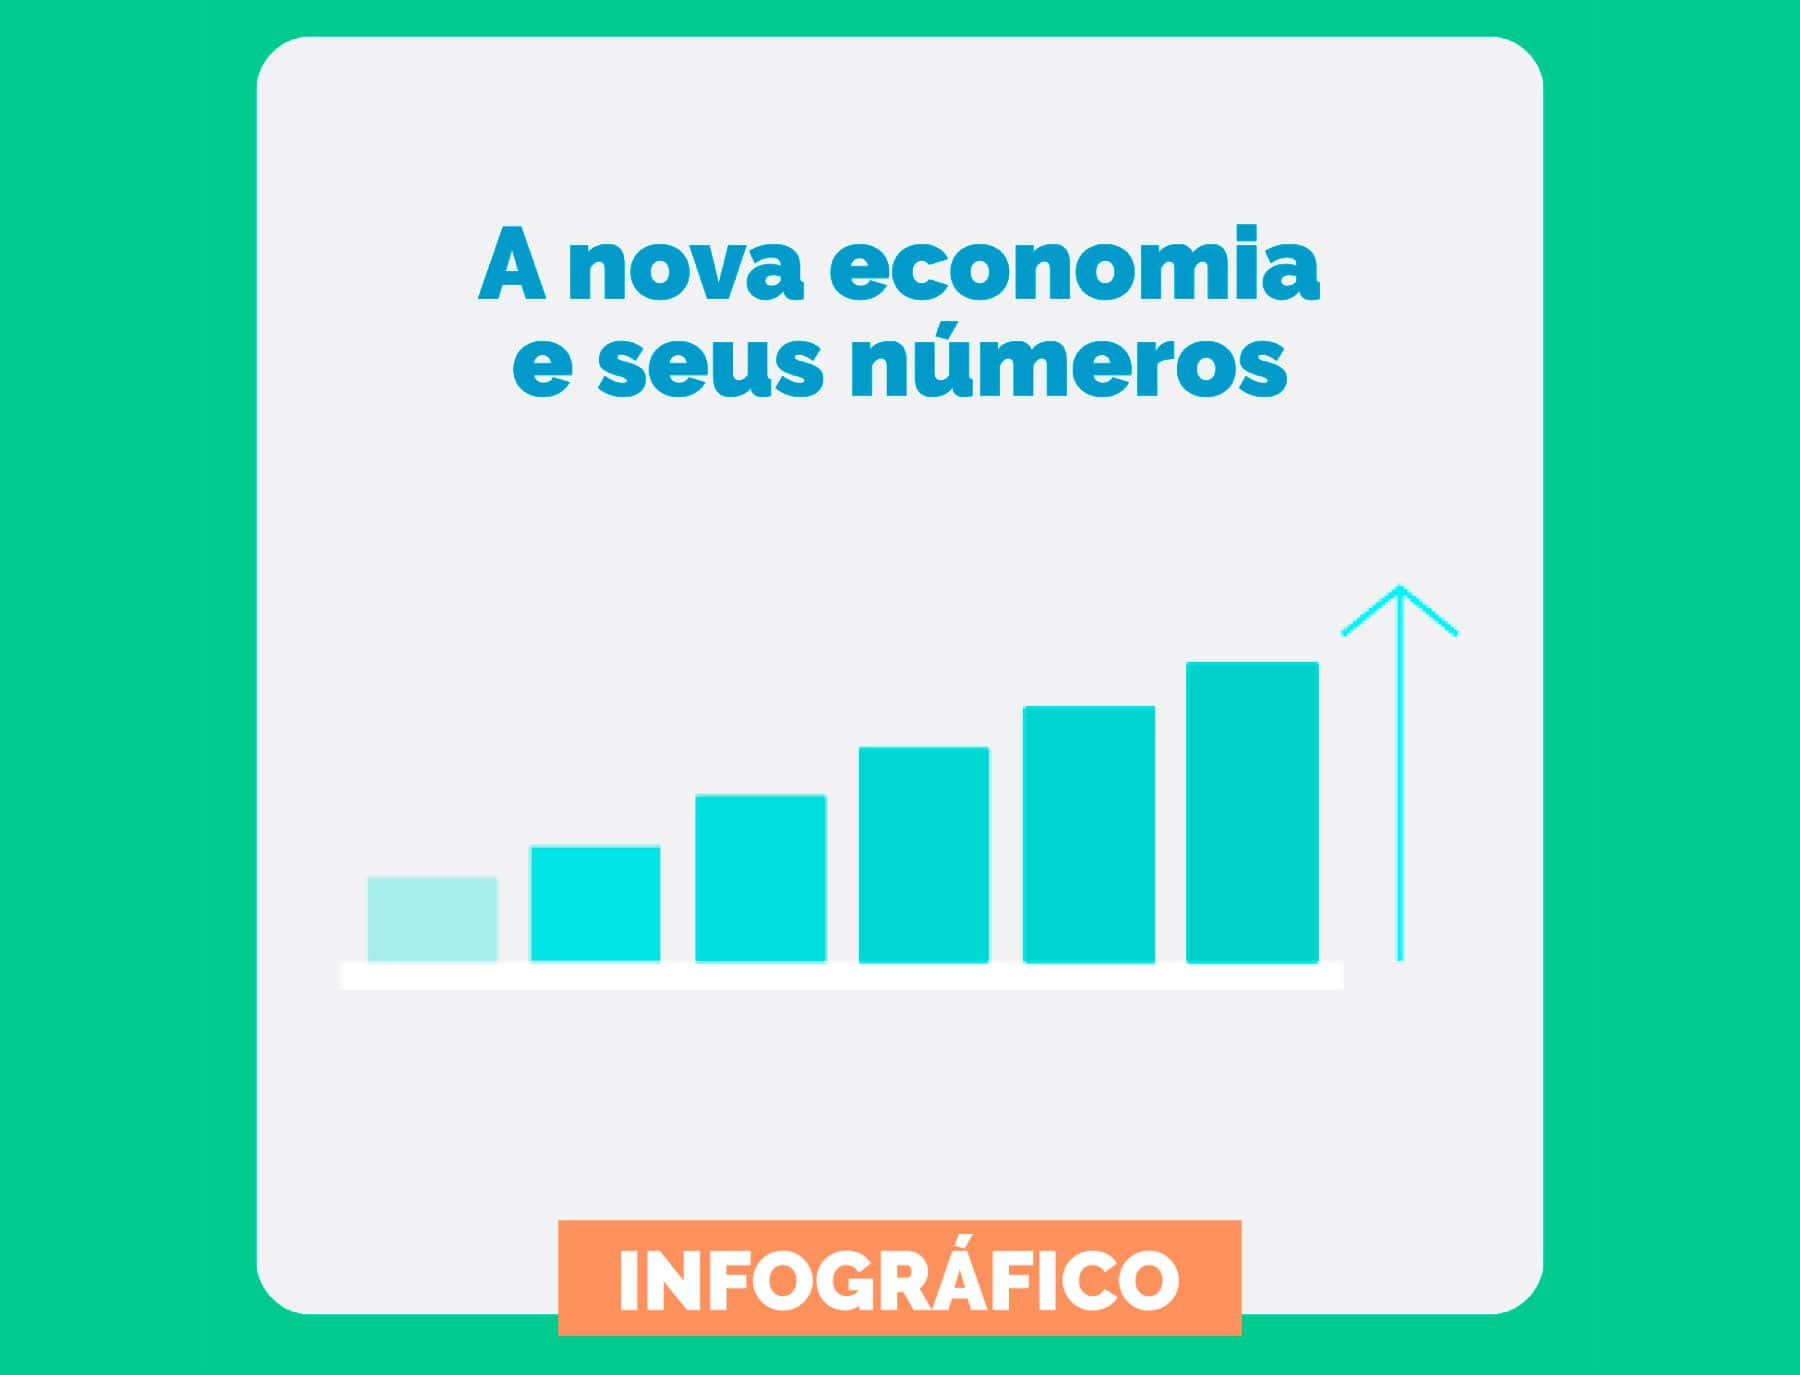 infografico-nova-economia-e-seus-numeros